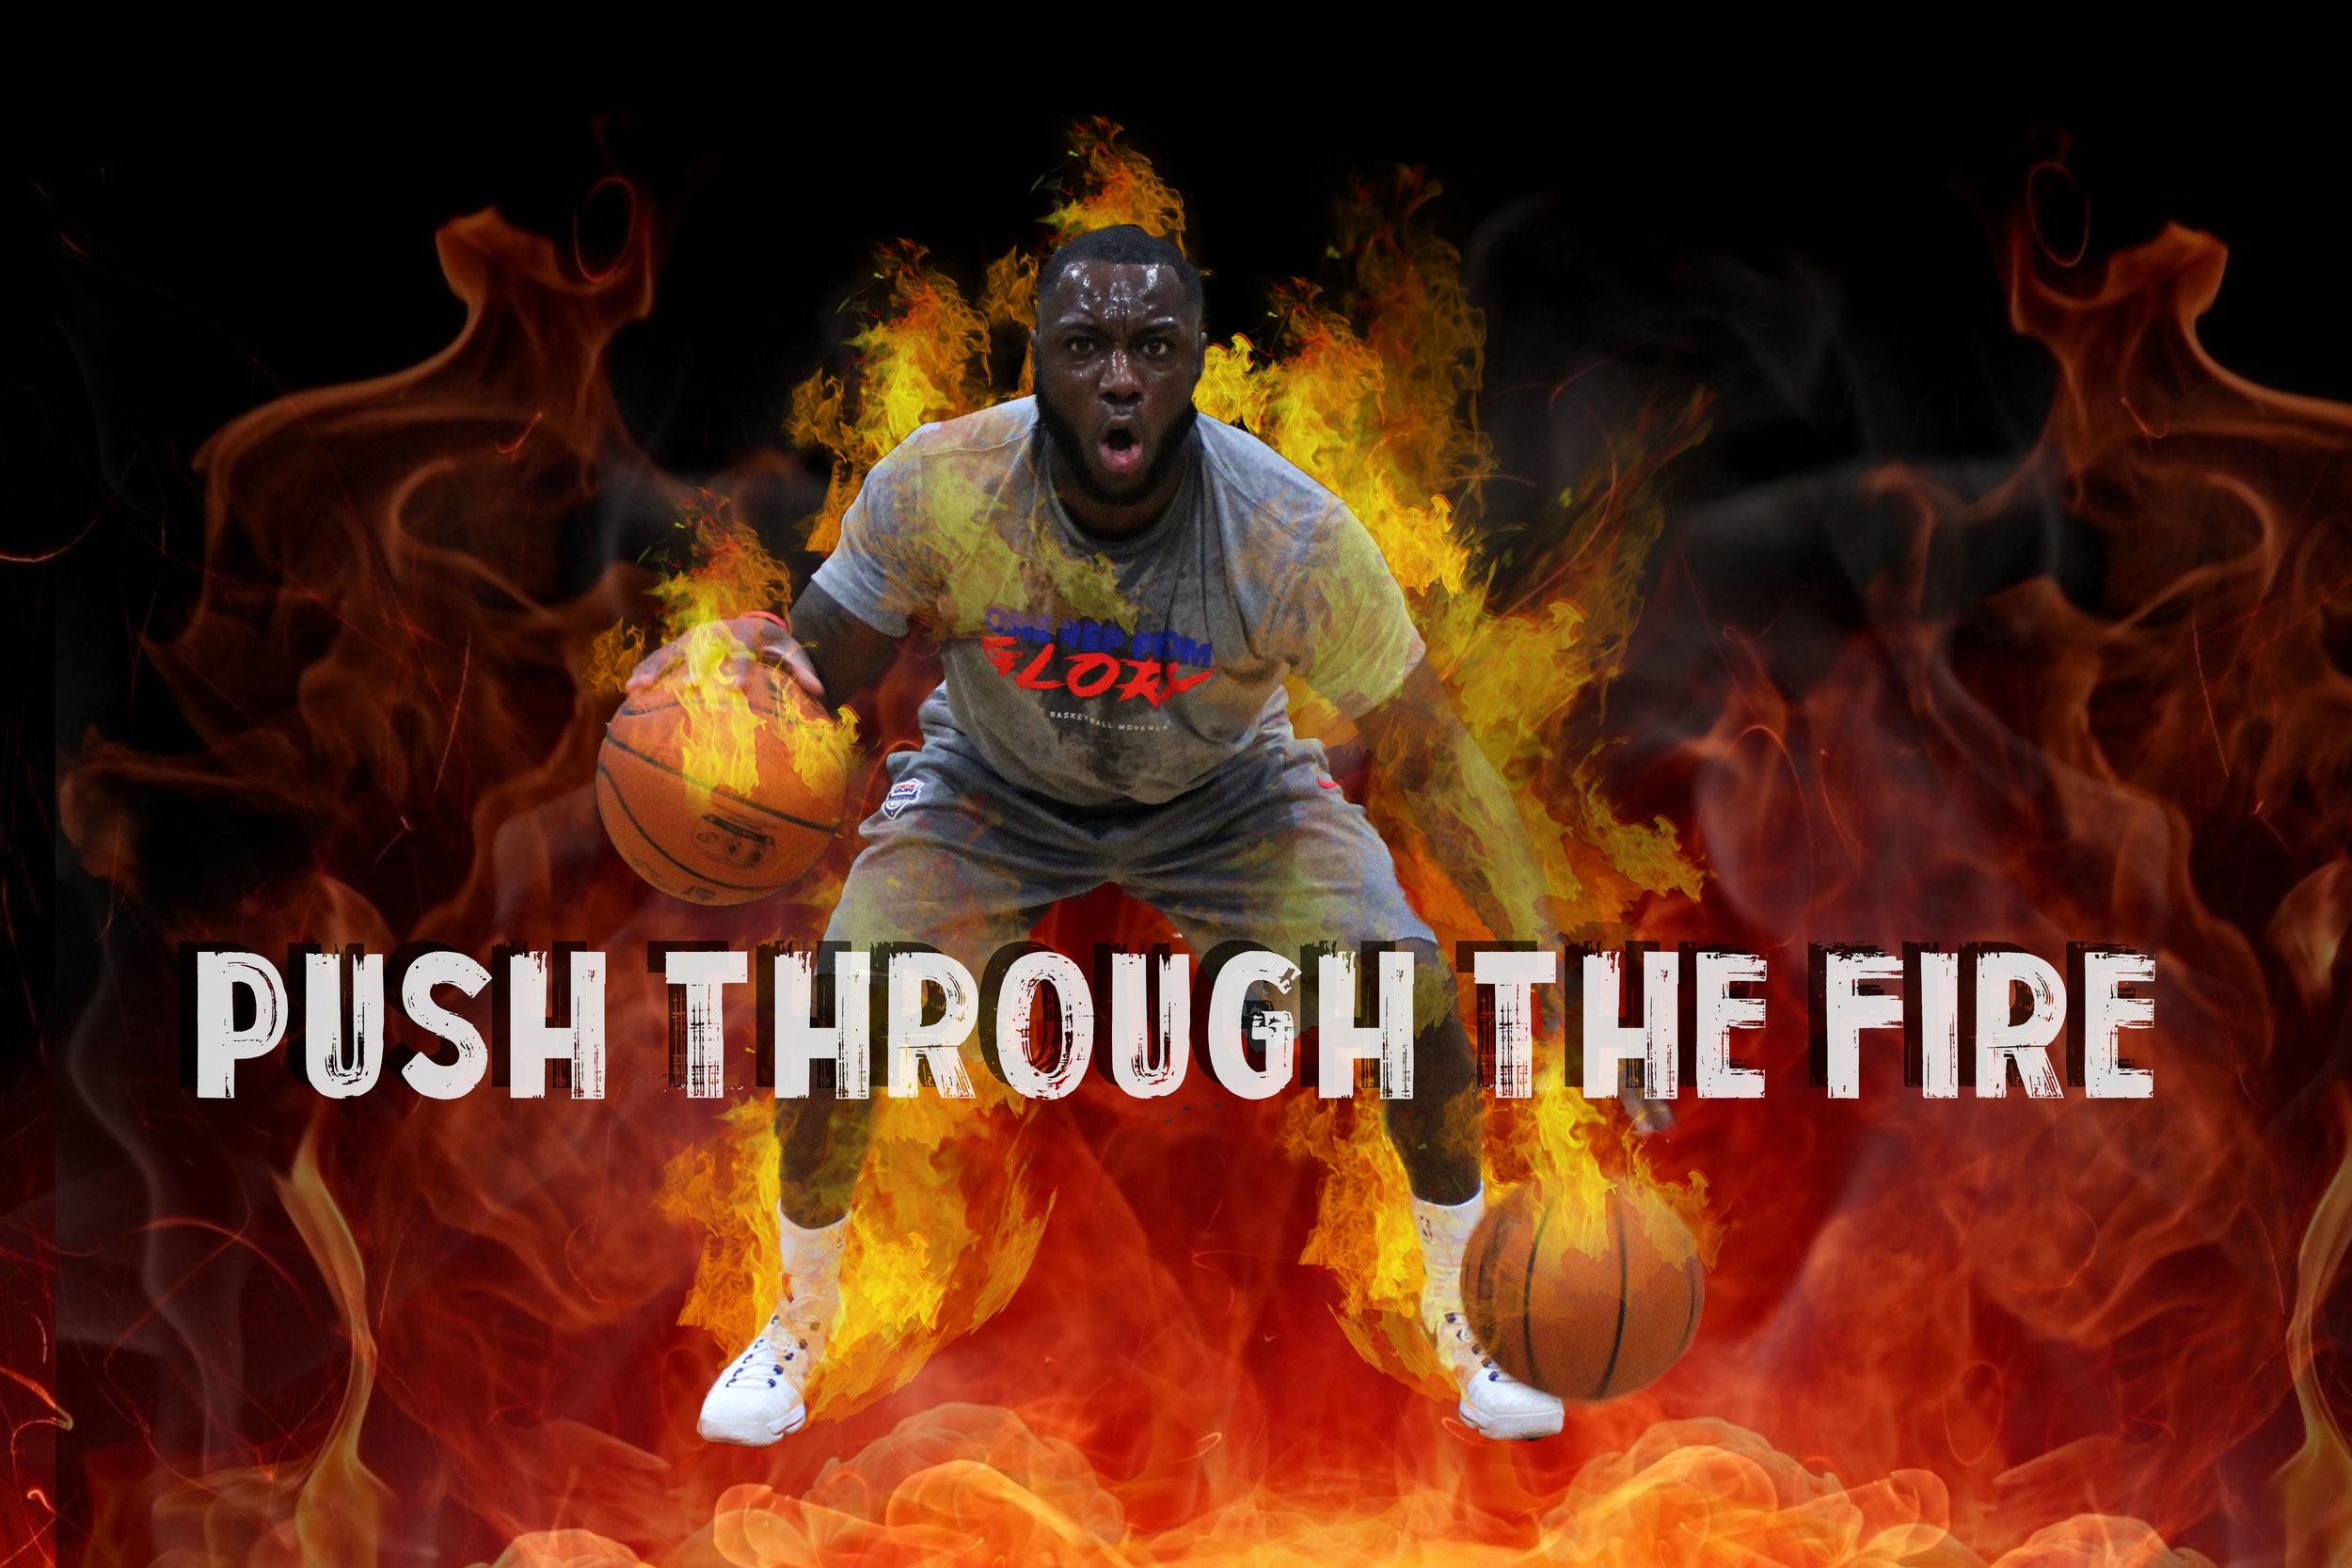 Push-through-fire.jpg